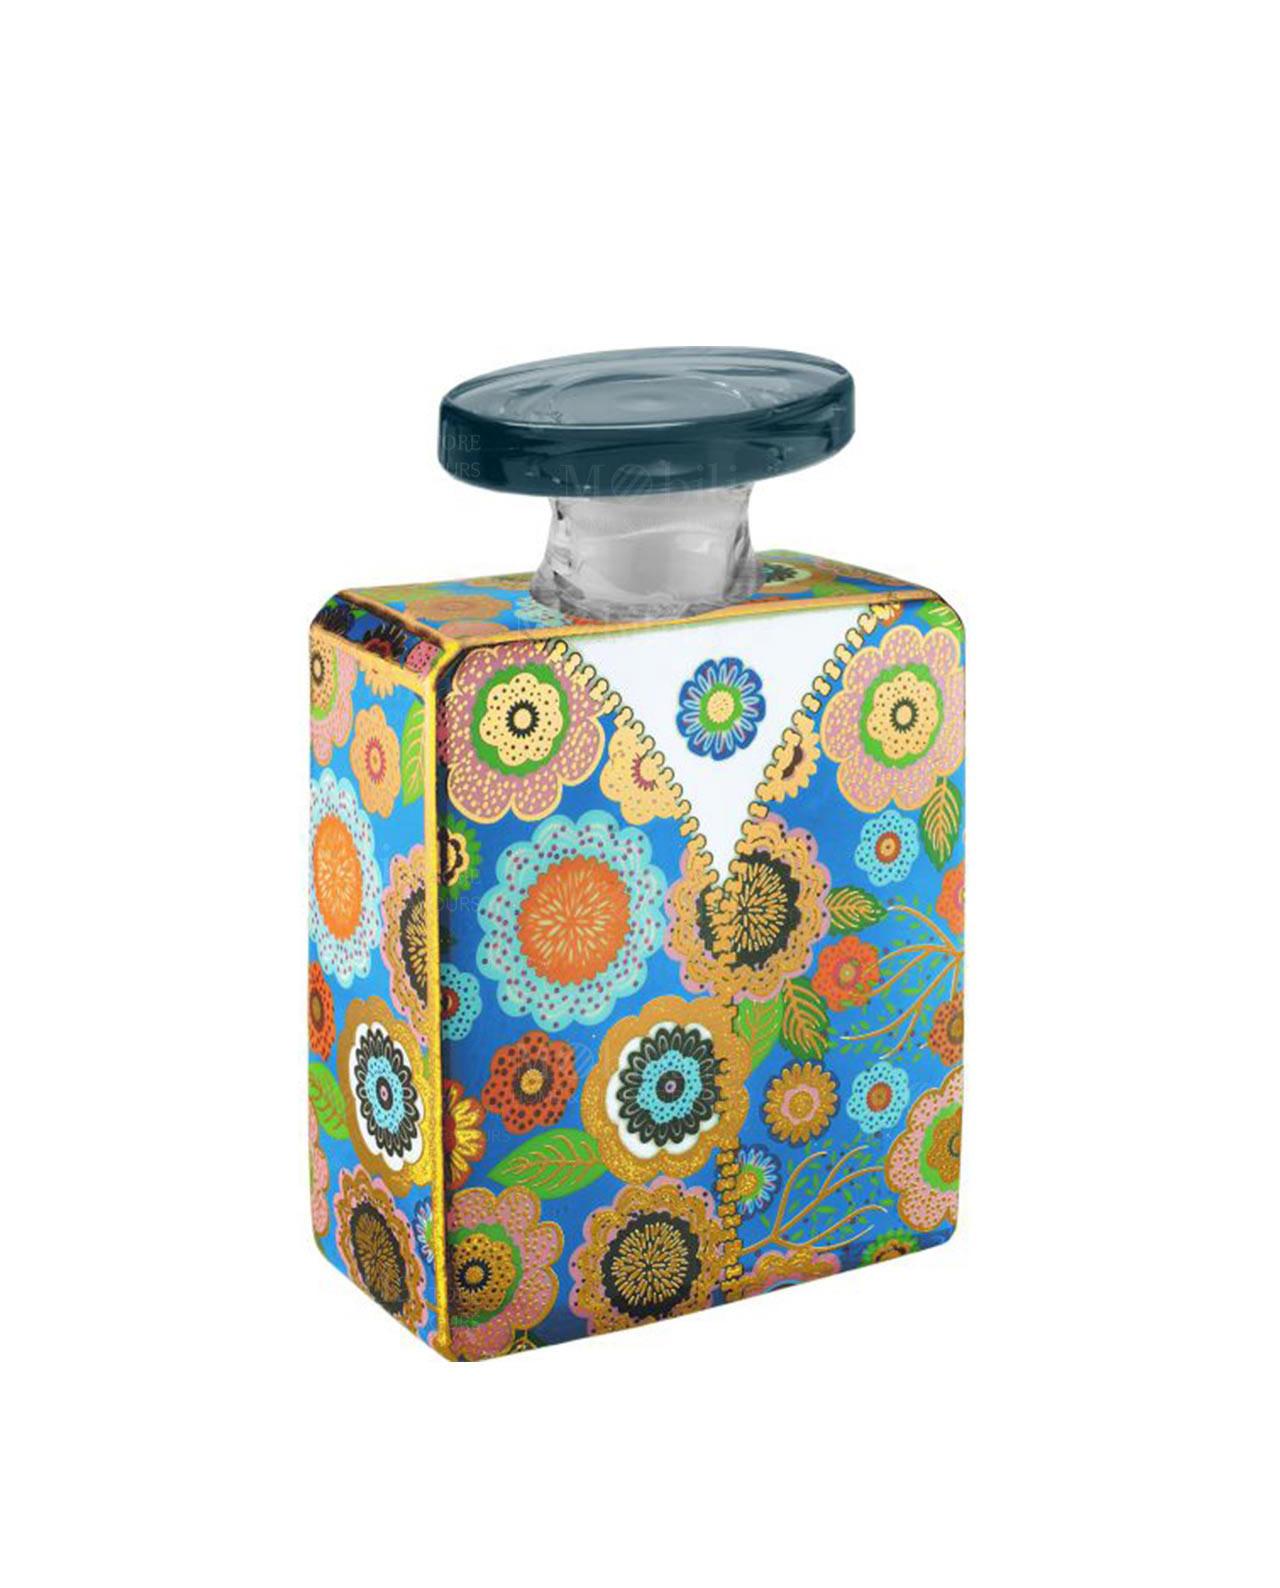 Bottiglia diffusore ambiente baci milano maroc e roll for Mobilia 2017 maroc